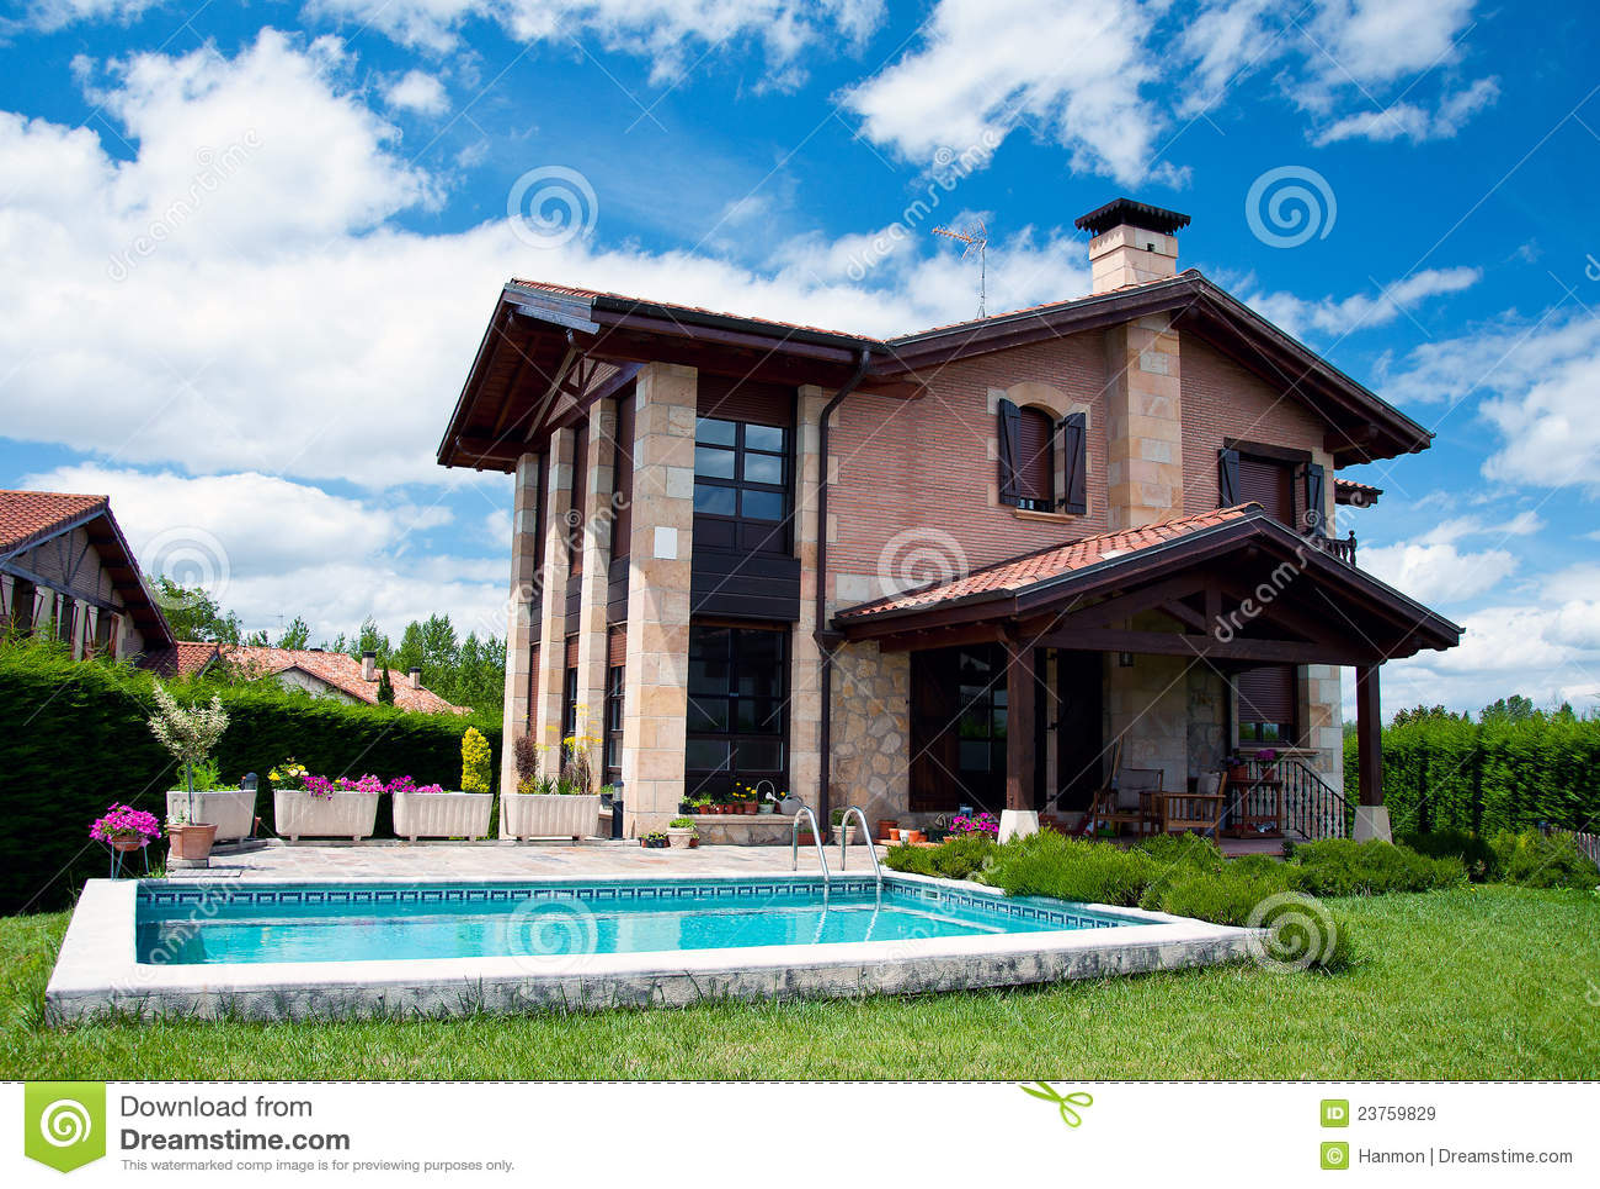 Casa spagnola di lusso con la piscina immagine stock for Immagini case di lusso